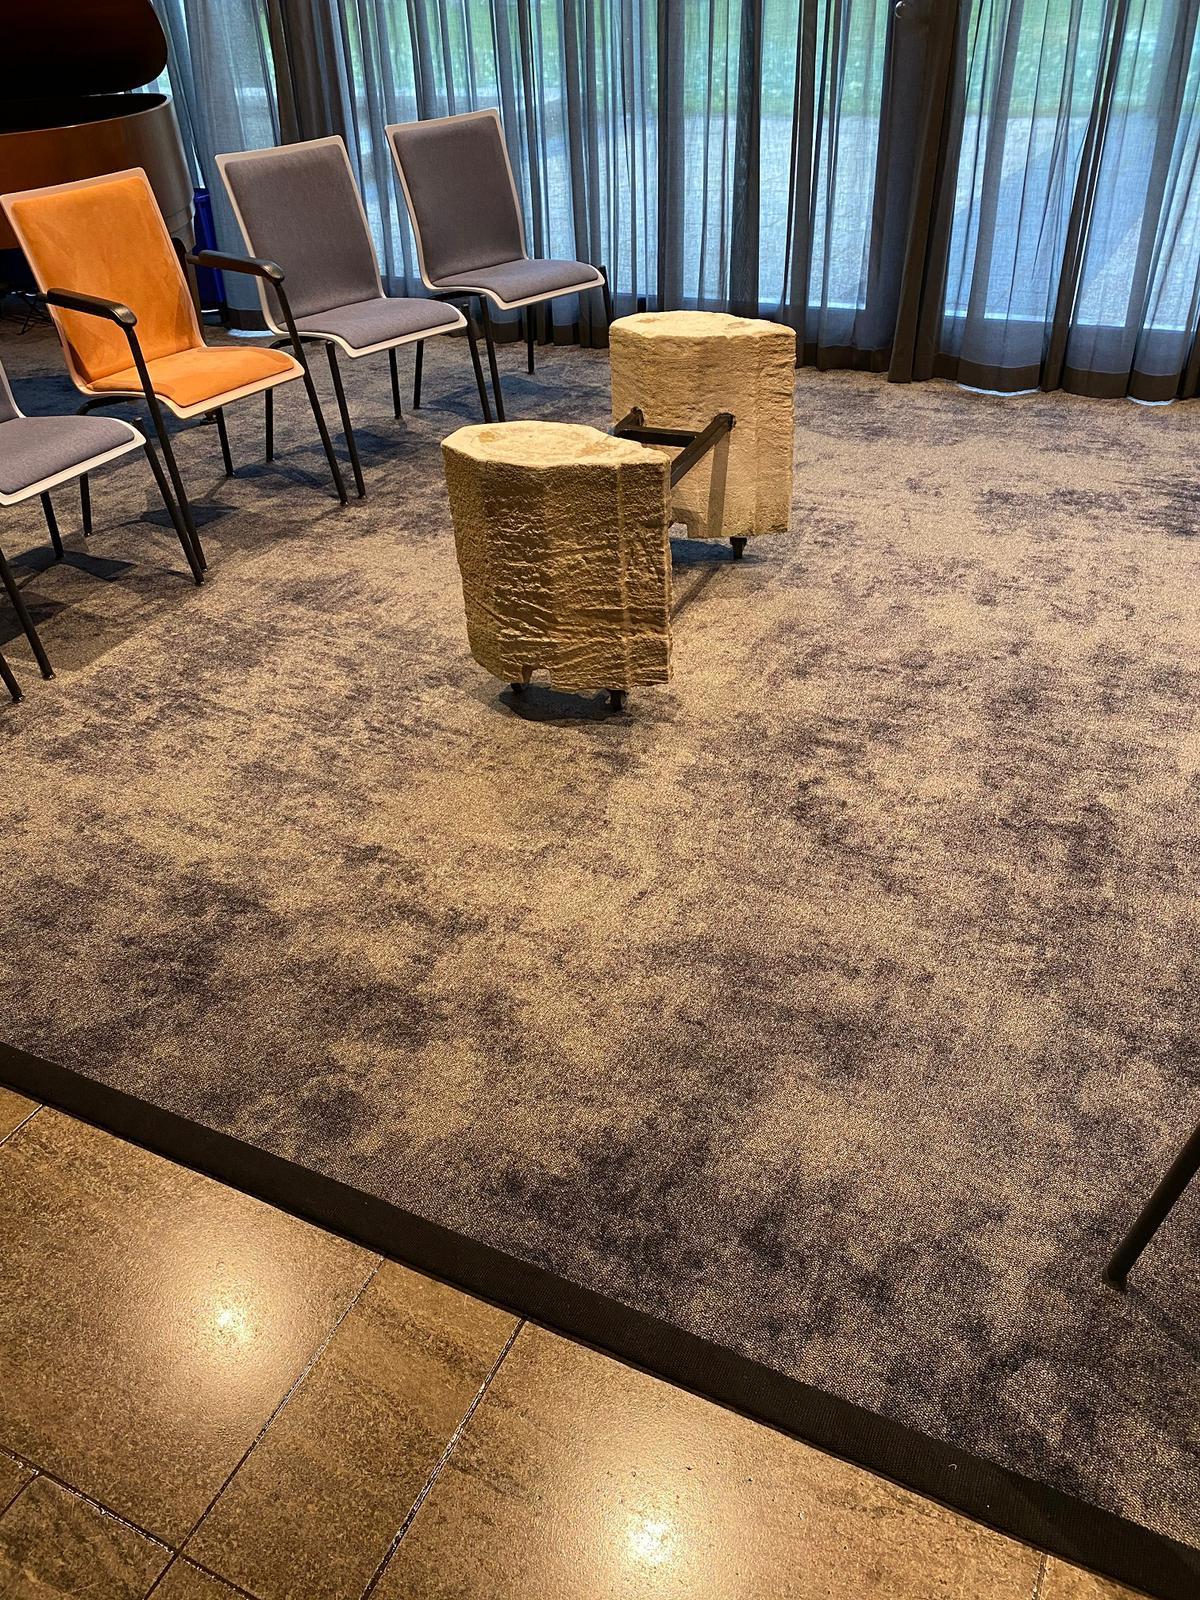 Stukjes Domtoren in de nieuwe aula van Begraafplaats Daelwijck in Utrecht!